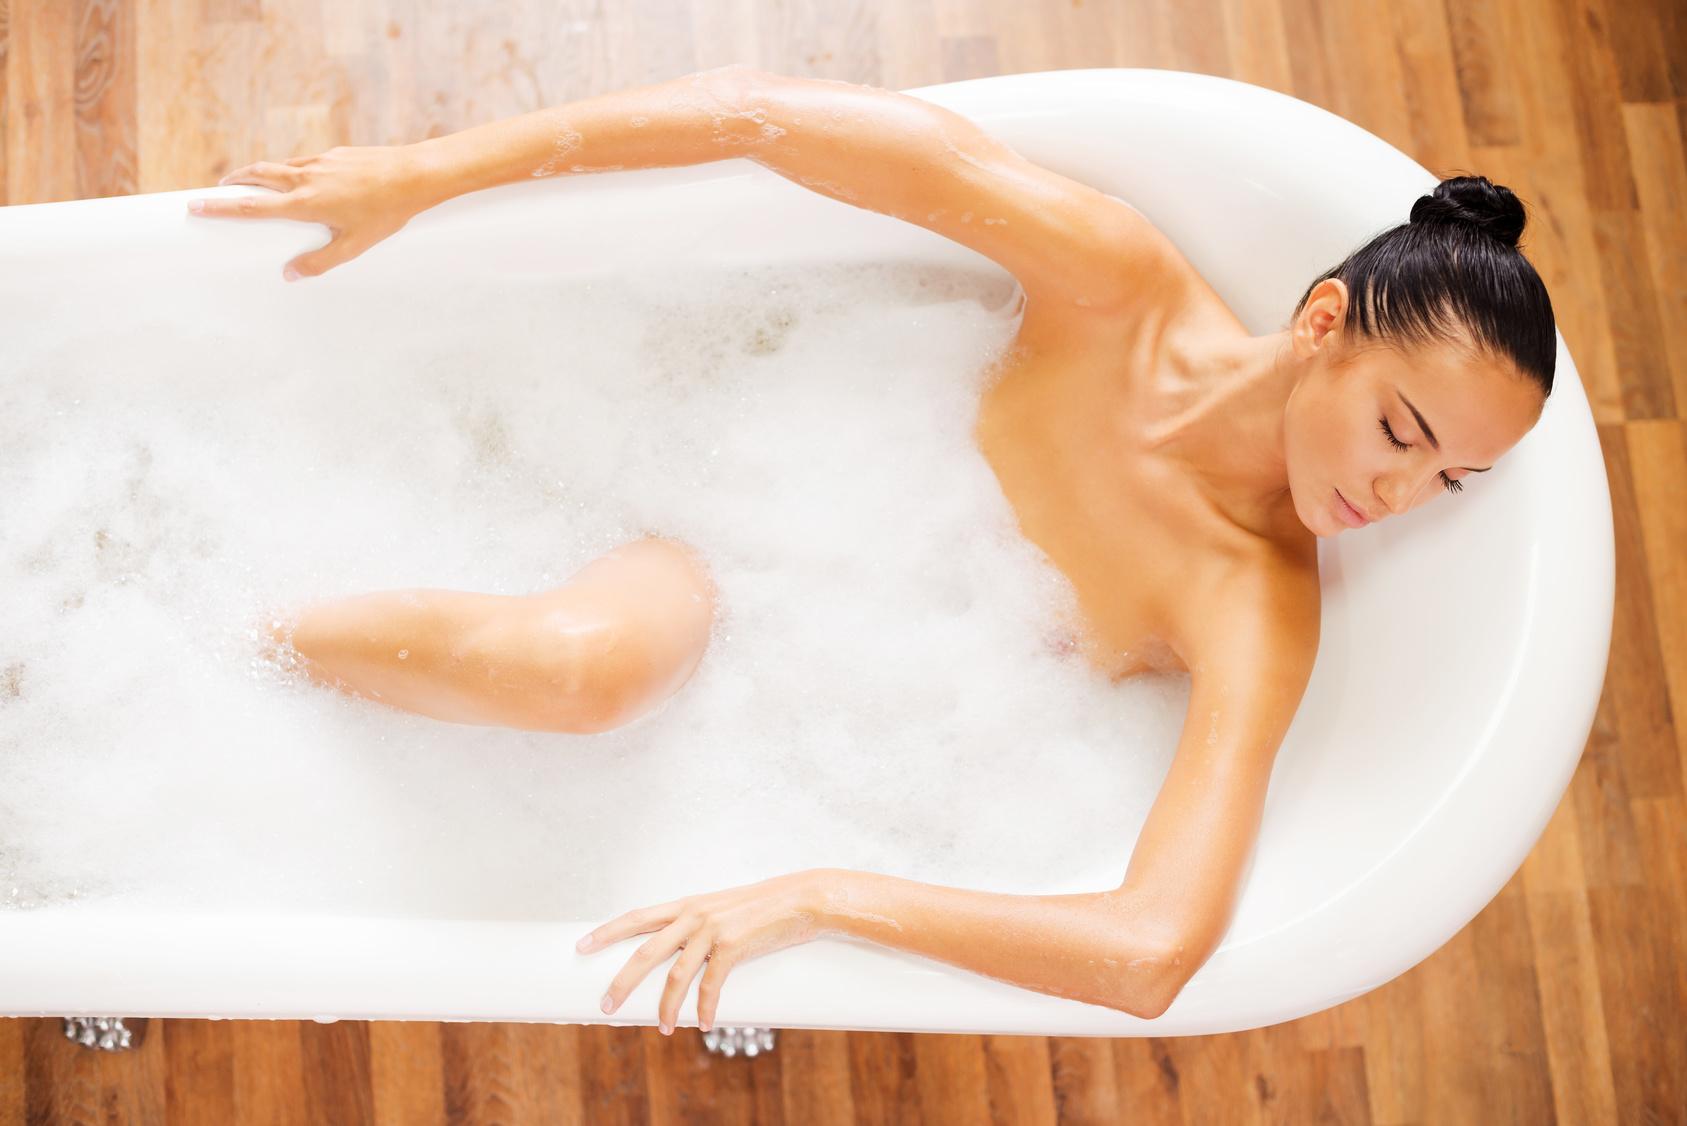 фольклоре жителей пукнувшая девушка в ванной один трамвайчик ещё